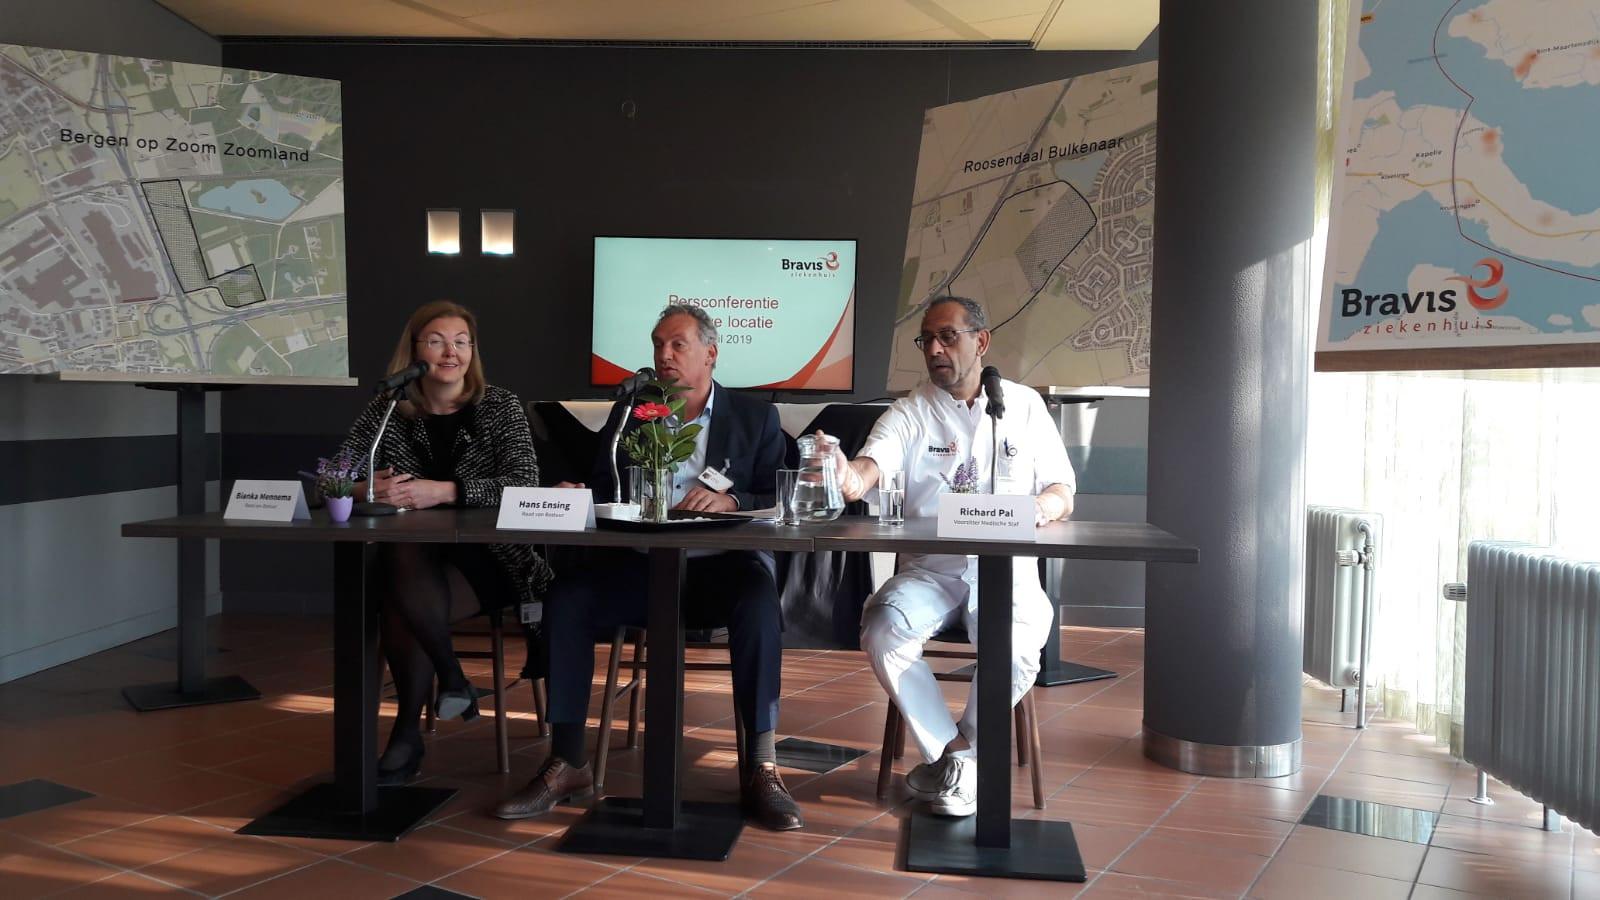 Bestuurders Bianka Mennema en Hans Ensing en voorzitter Richard Pal tijdens het bekendmaken van de locatie van het nieuwe Bravis ziekenhuis.